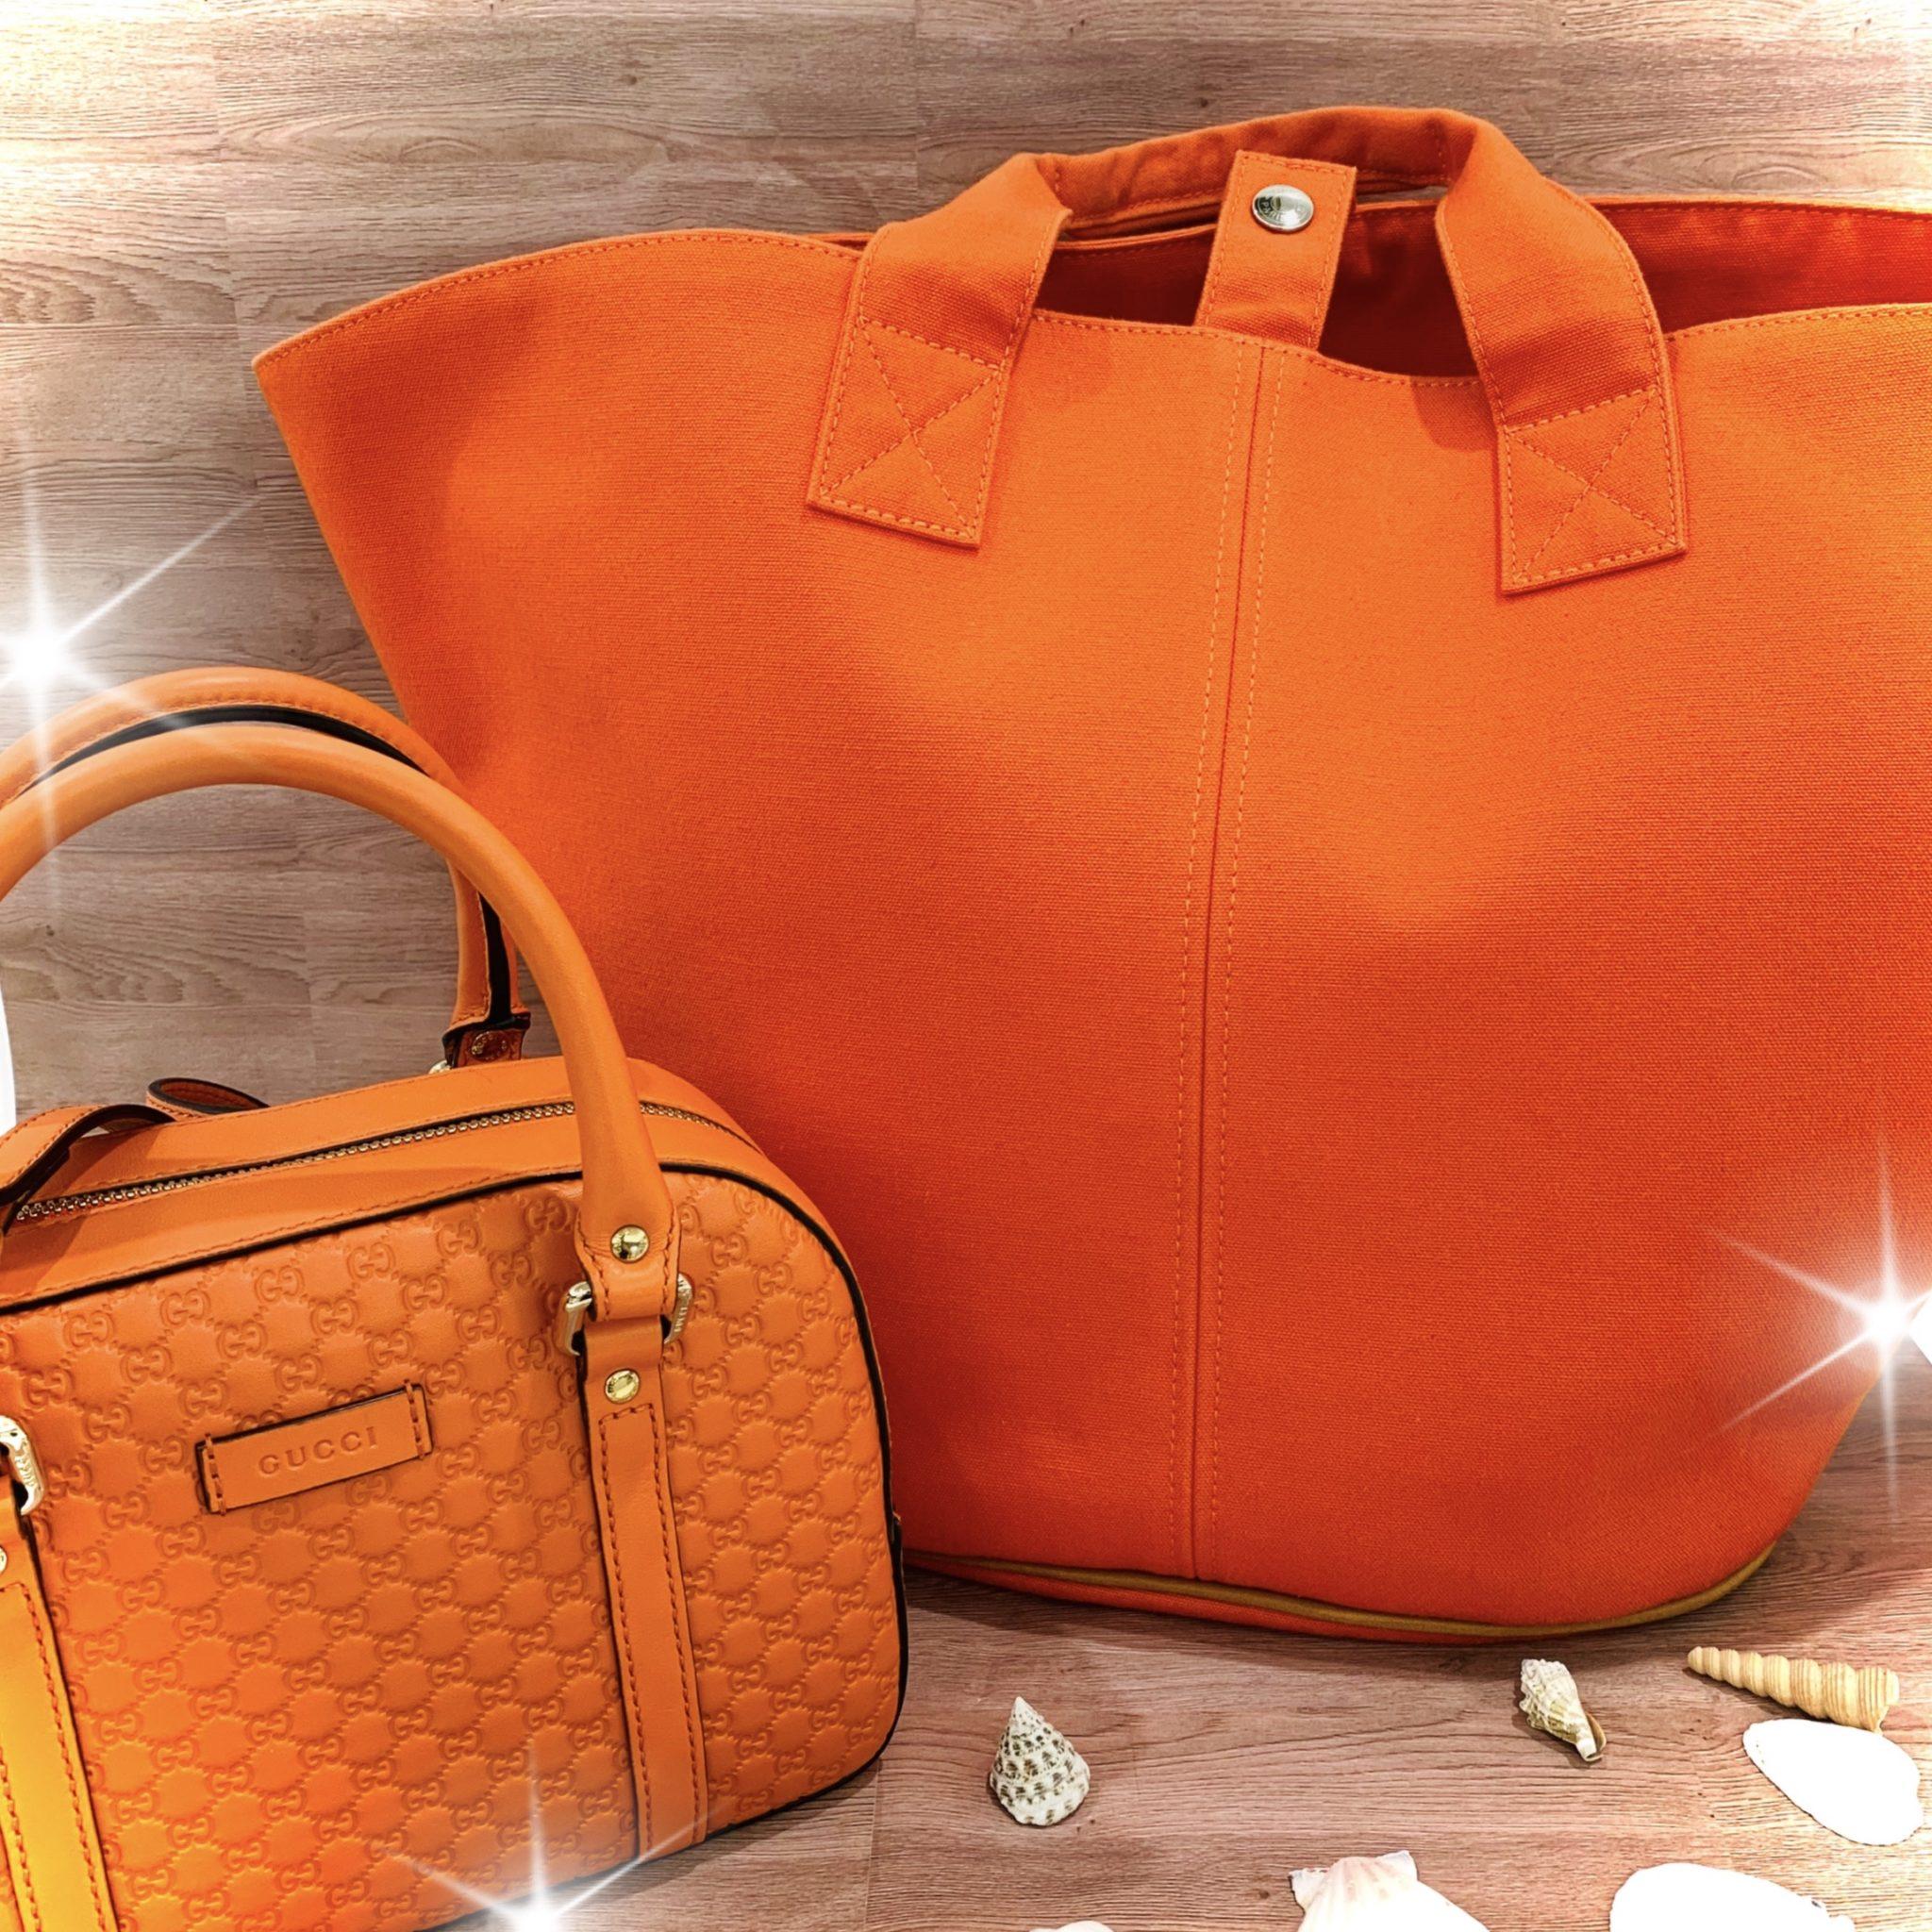 【ブランド 販売 盛岡】いよいよ8月!!夏らしいオレンジのバッグはいかがですか?